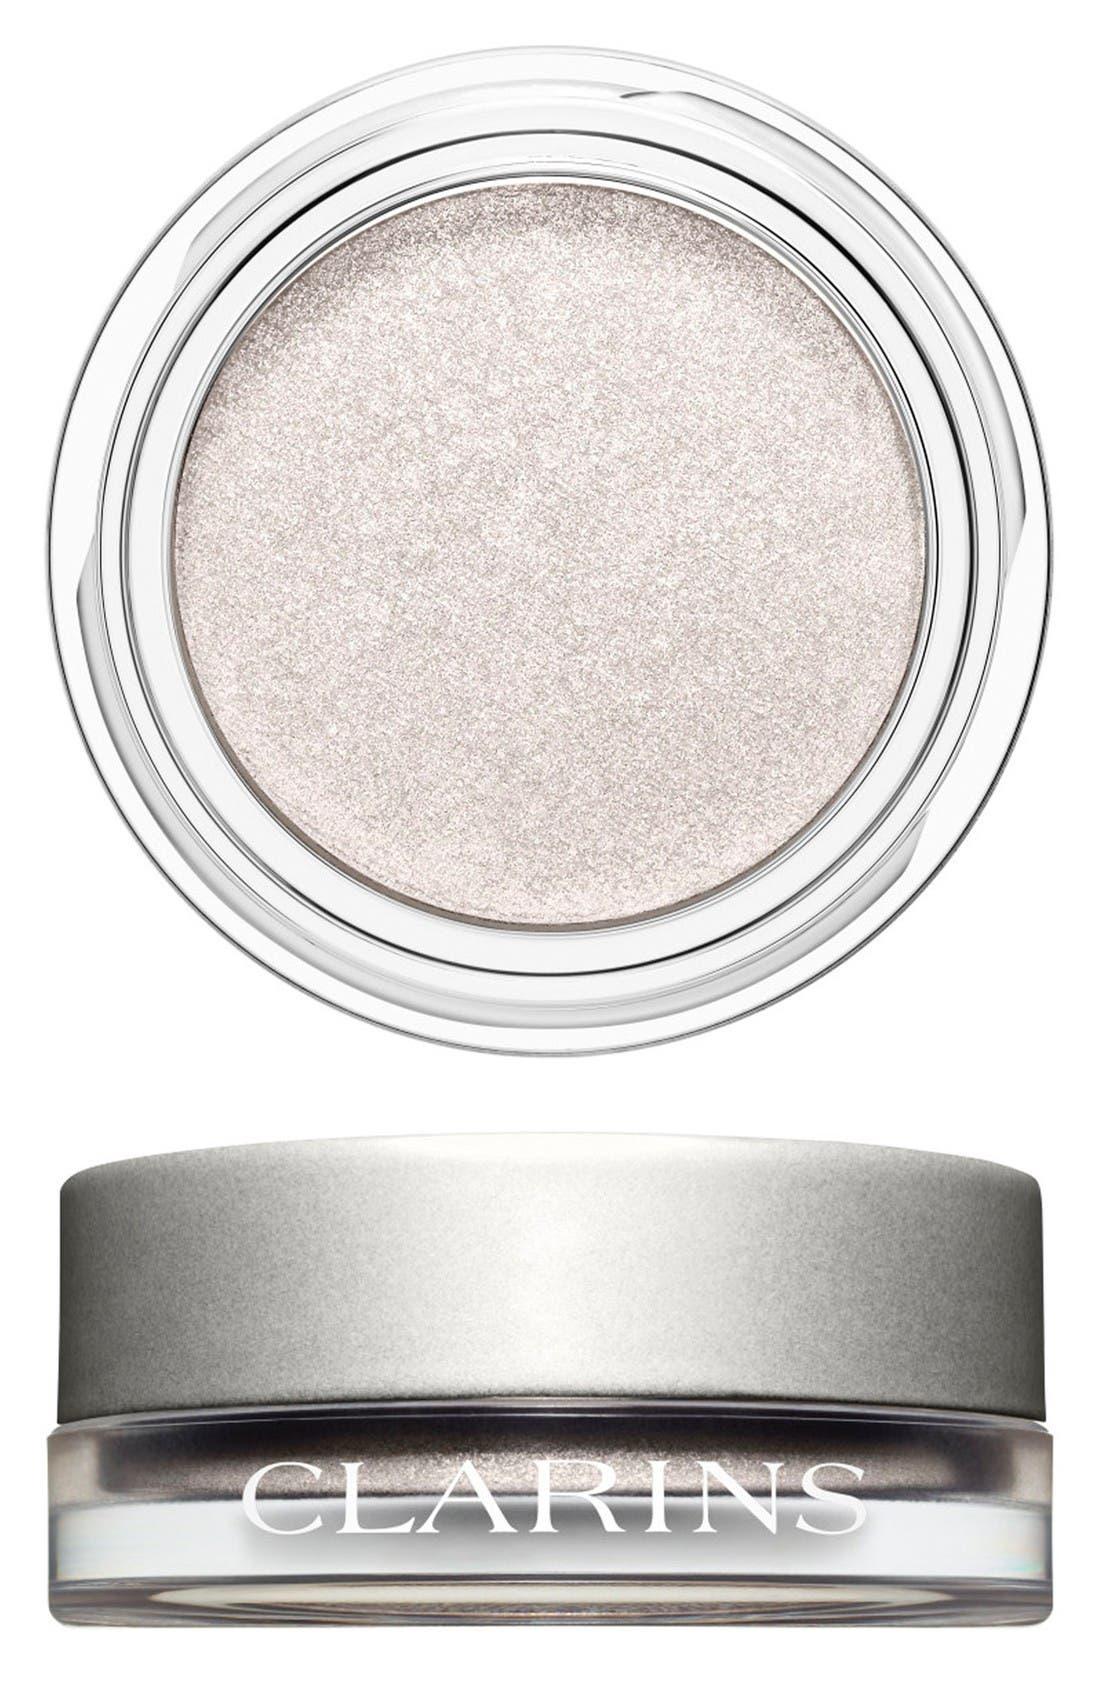 Clarins 'Ombré Iridescente' Cream-to-Powder Iridescent Eyeshadow